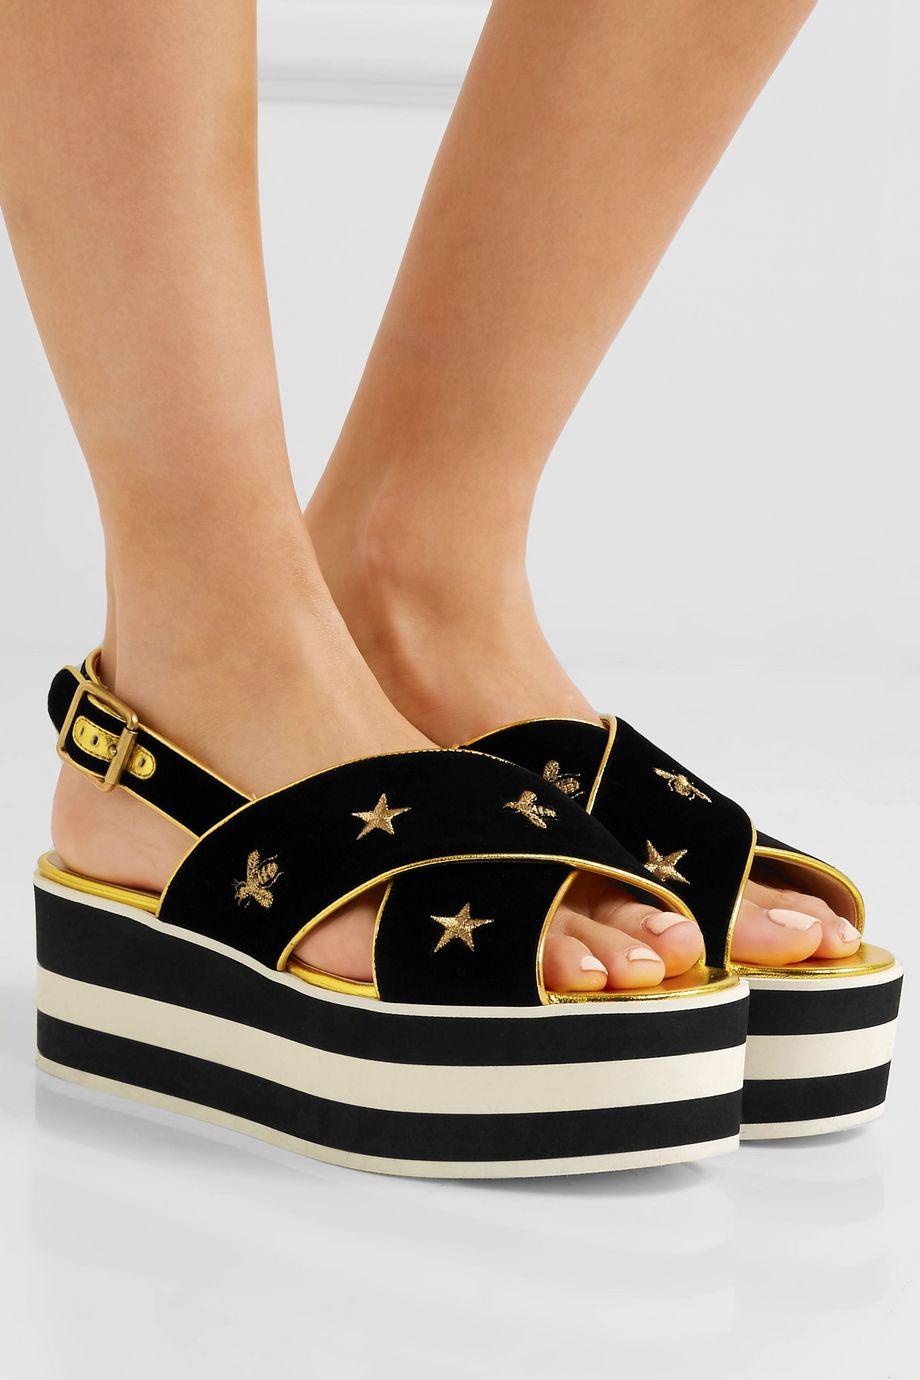 Gucci Leather-trimmed embroidered velvet platform sandals